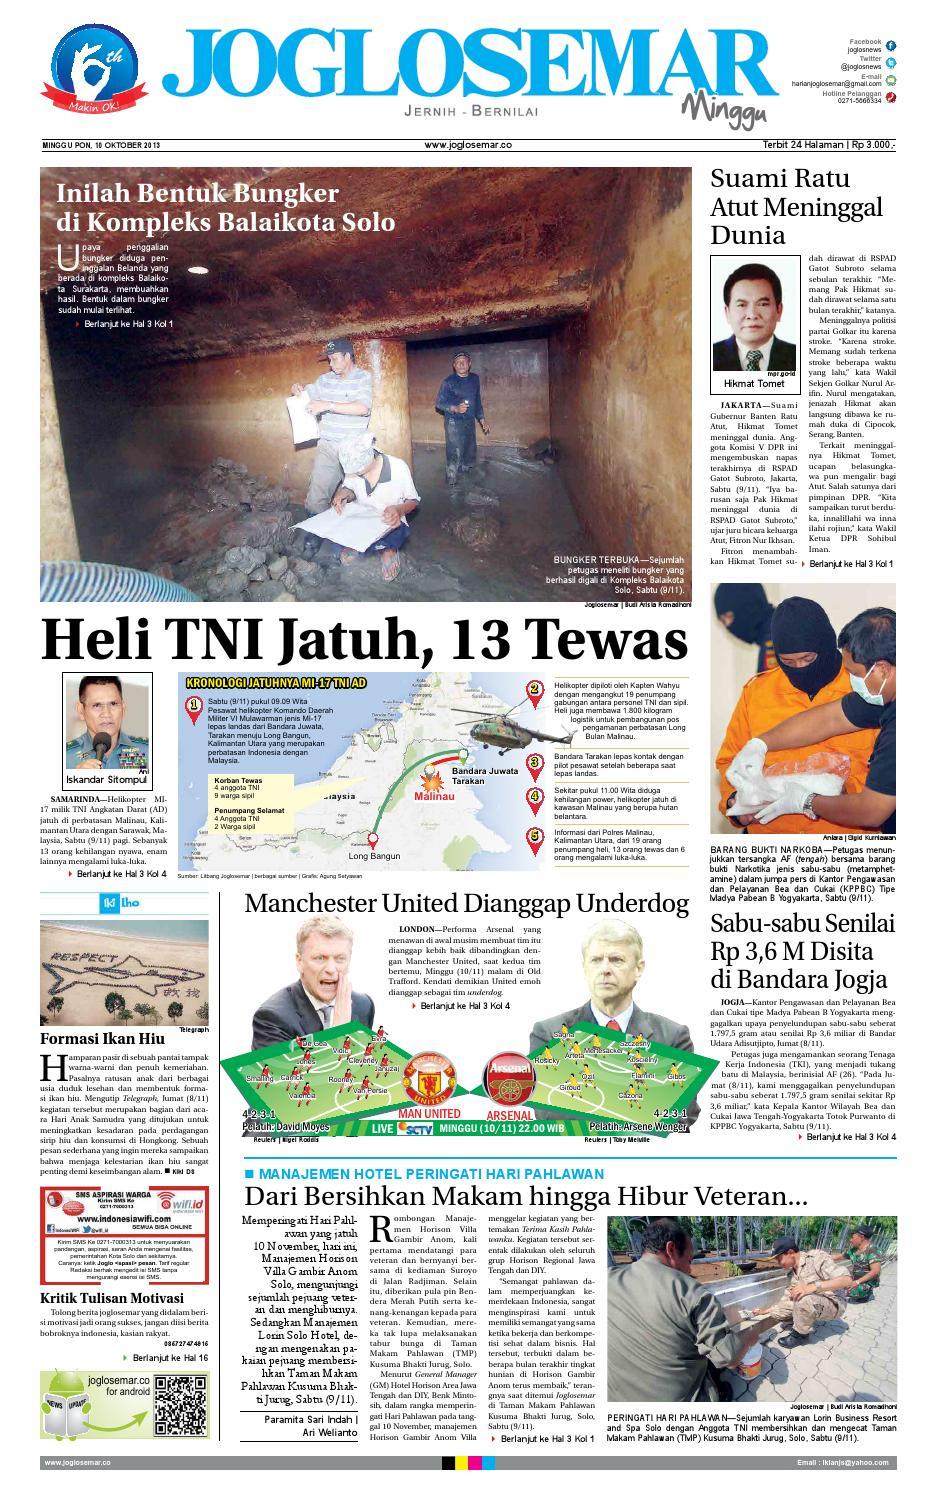 Epaper Edisi 10 Nopember 2013 By Pt Joglosemar Prima Media Issuu Download Gnucap General Purpose Circuit Simulator Xtronic